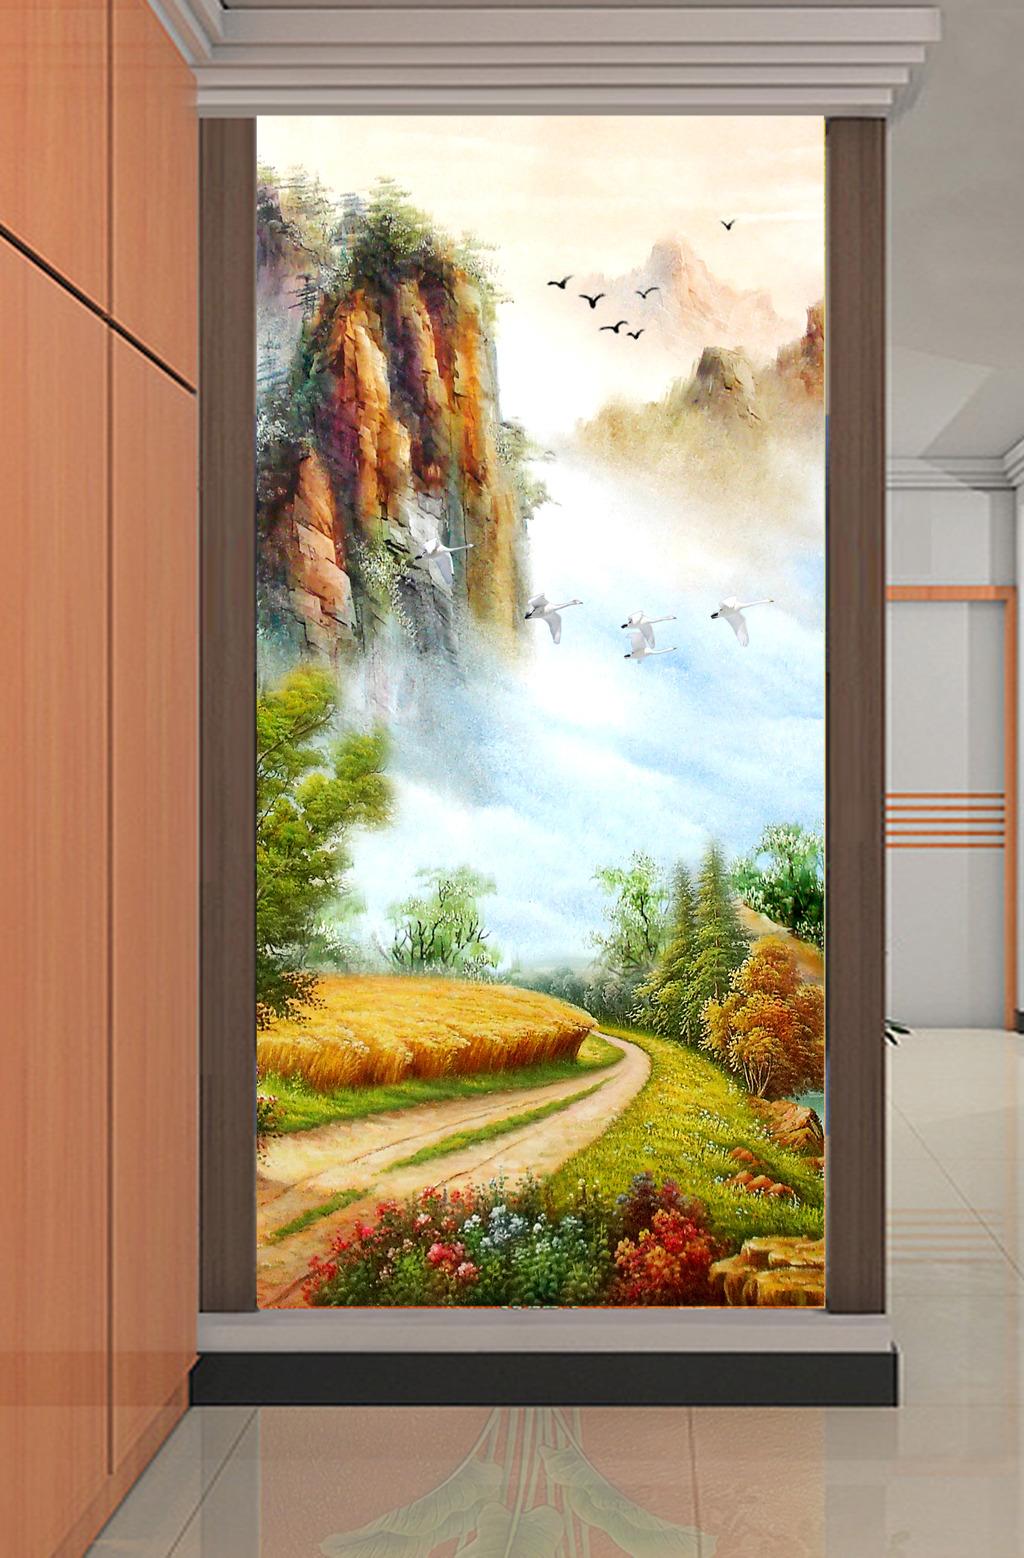 背景墙 装饰画 玄关 山水花鸟玄关图 > 欧式油画山水风景画远山高山